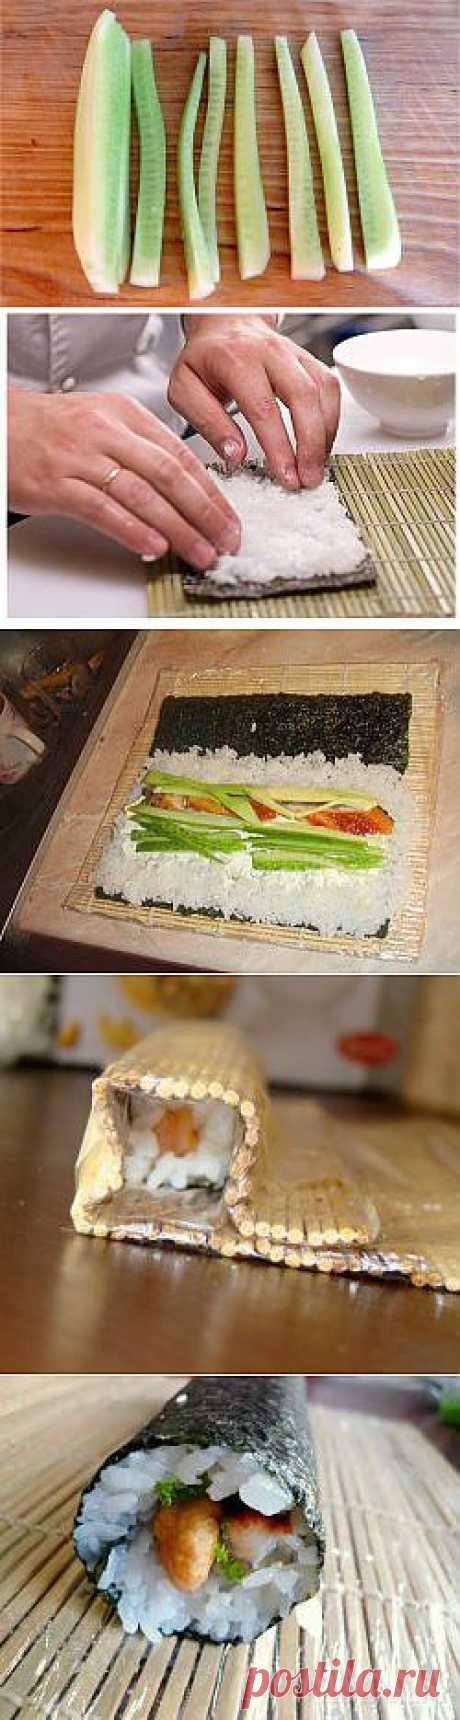 Как делать суши в домашних условиях?